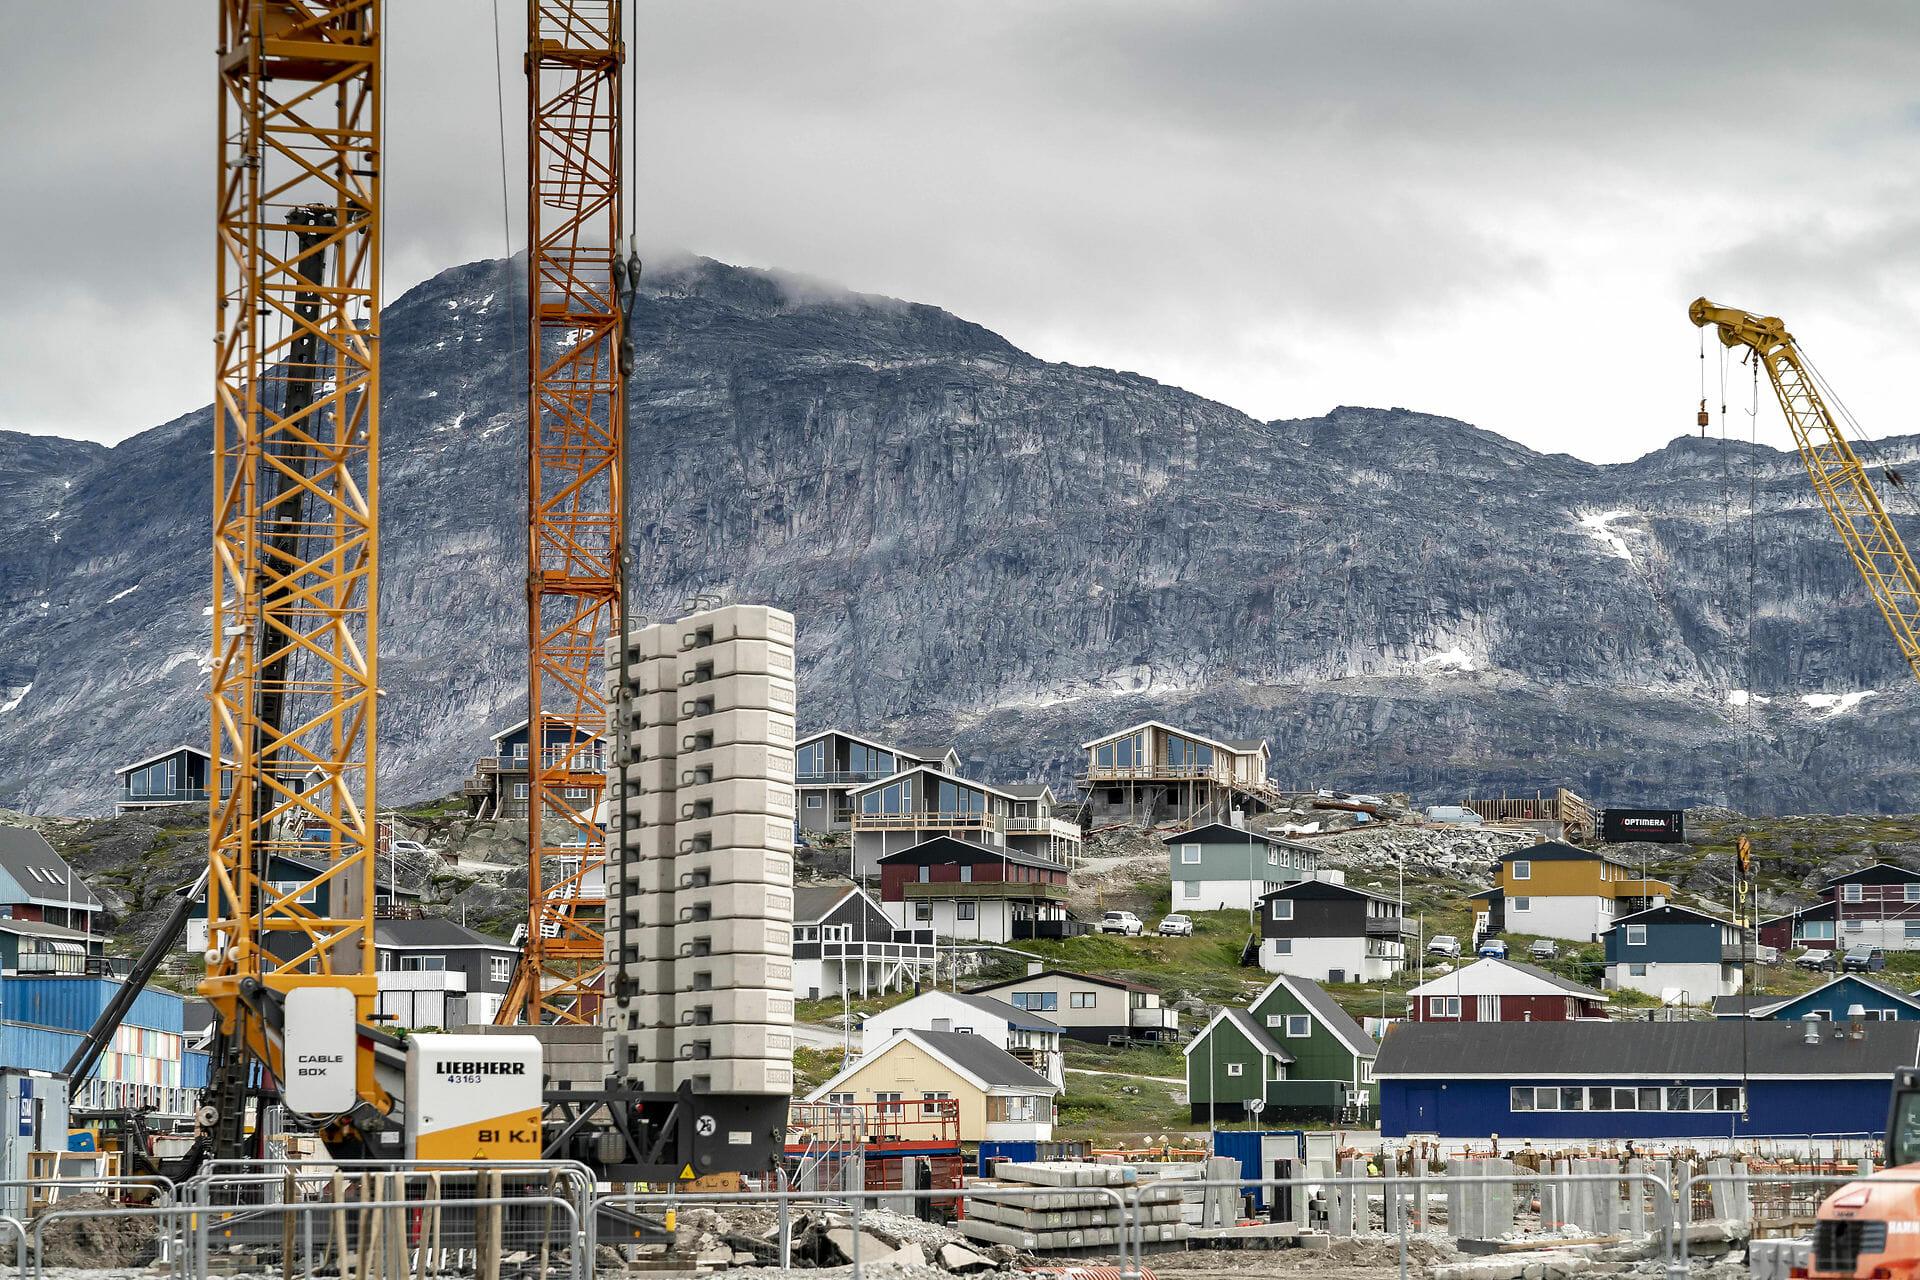 USA giver 83 millioner kroner til projekter i Grønland